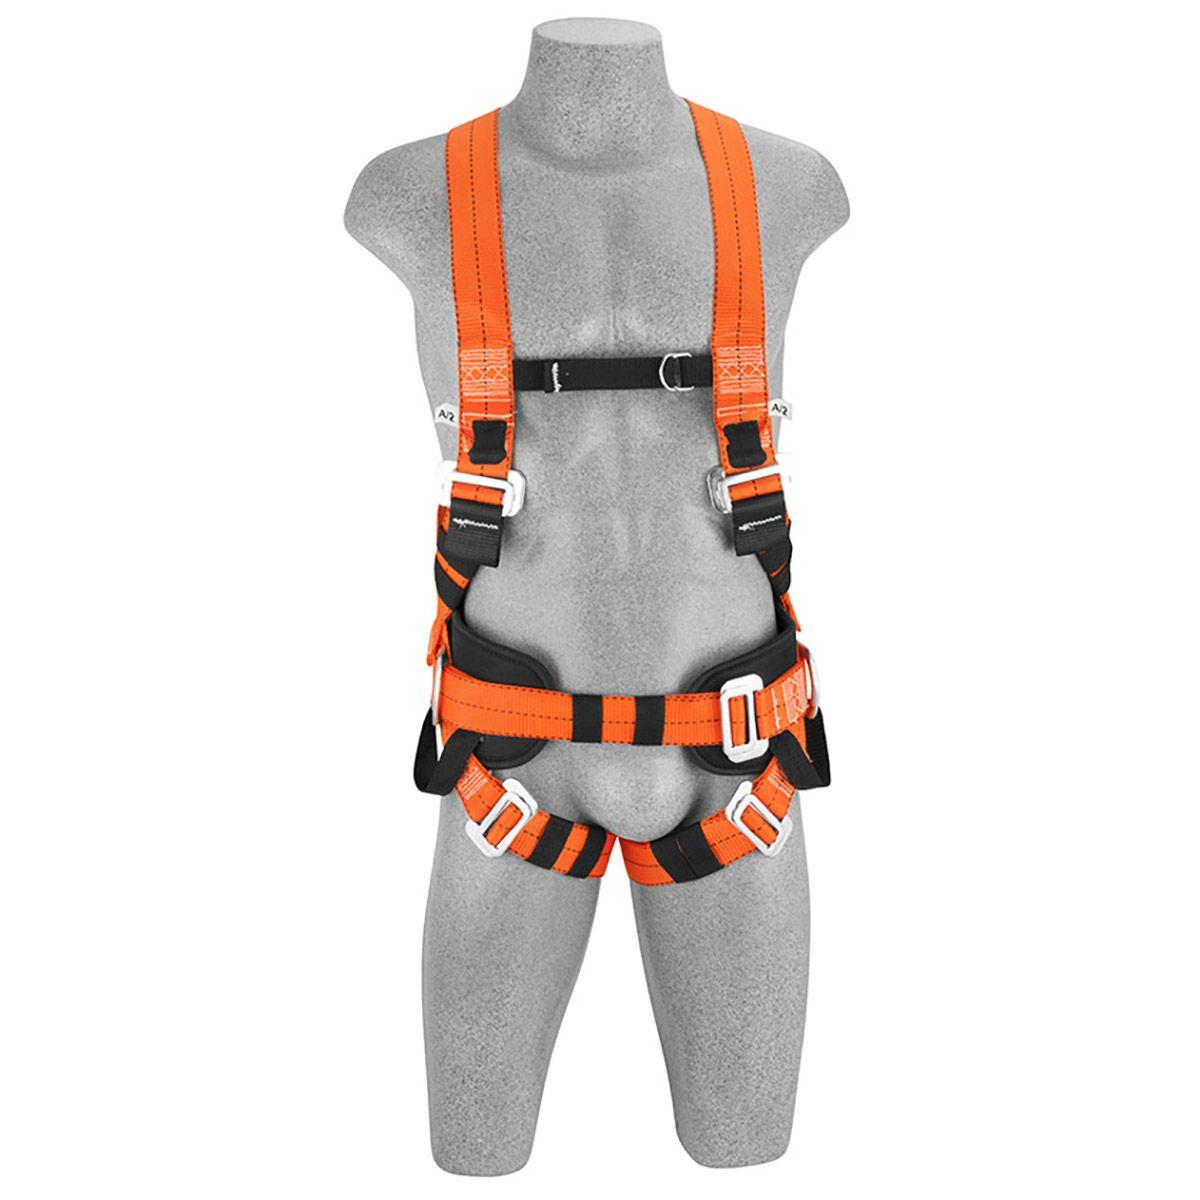 Cinturão Paraquedista Extreme - Facintos. d2b9ba1081